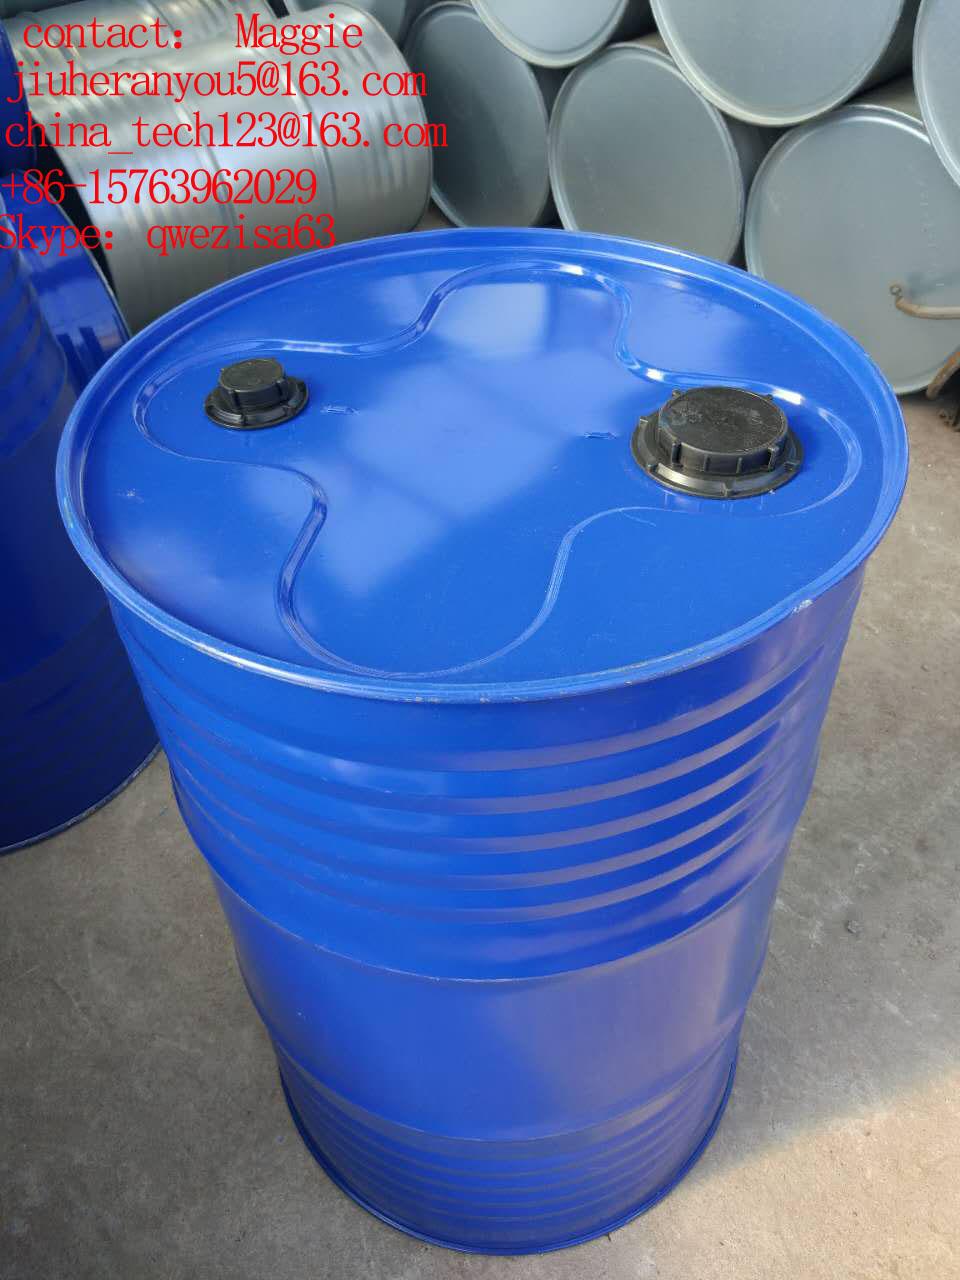 Octane additives for aviation gasoline AVGAS100LL